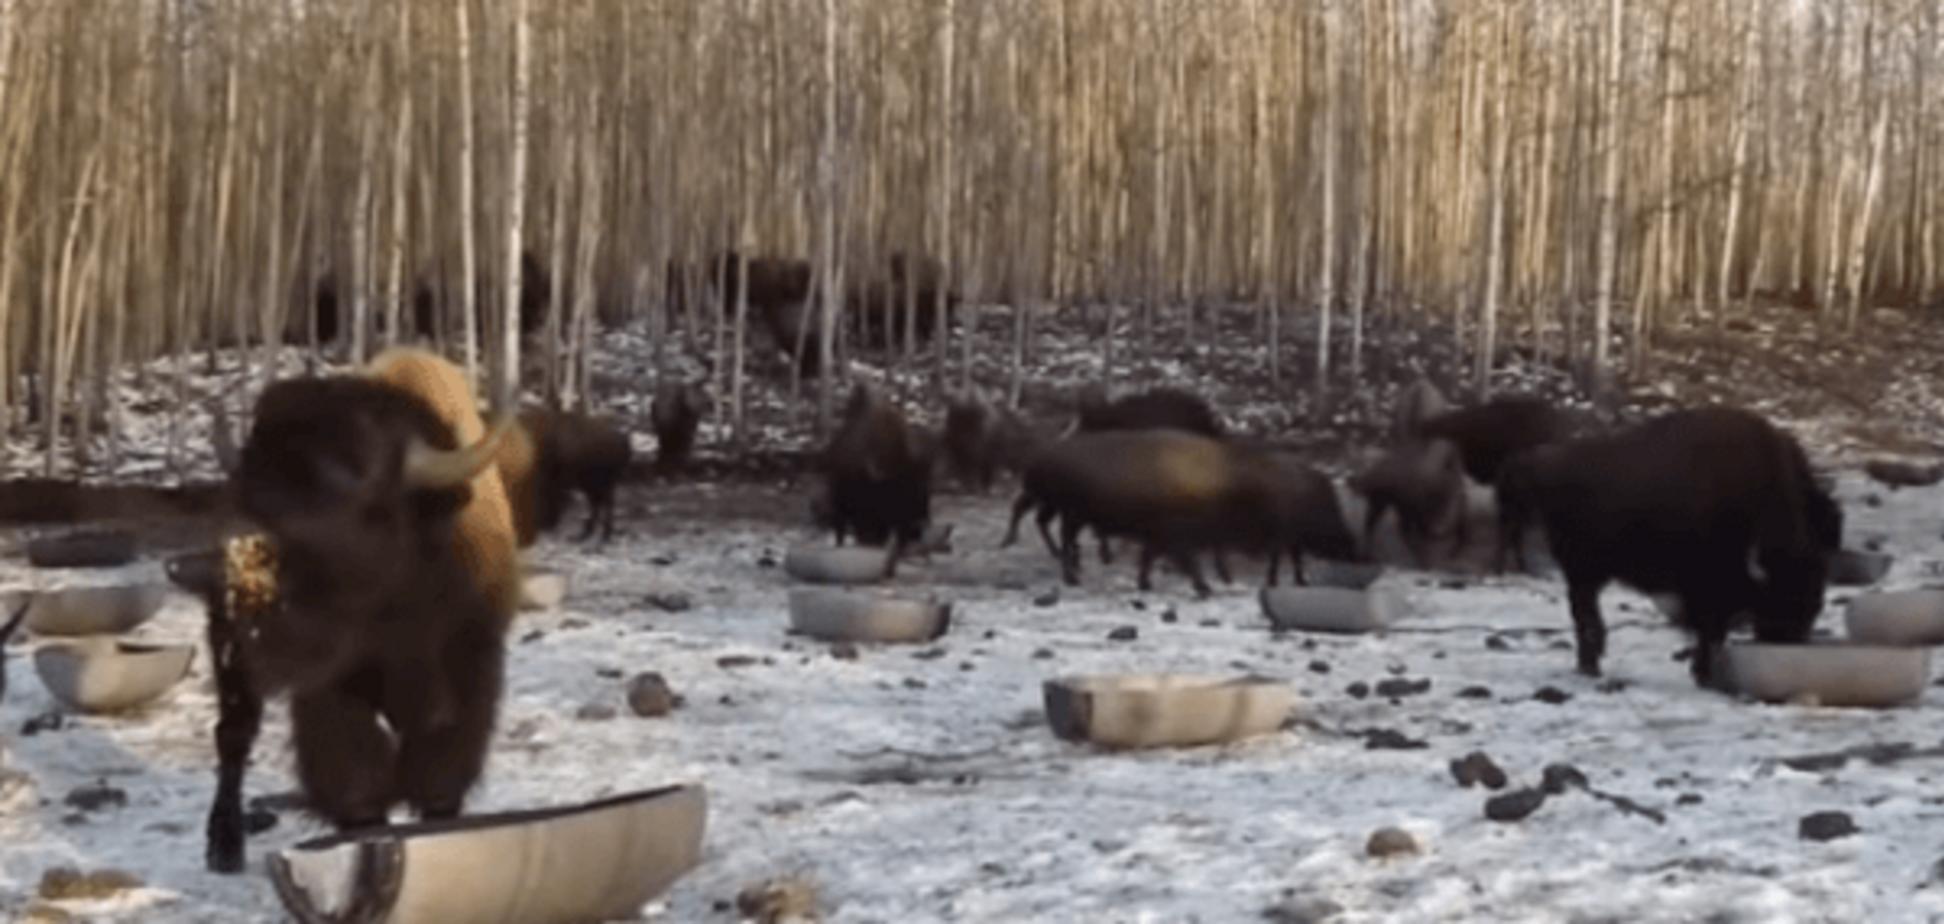 В Канаде нашли 'украиноязычных' бизонов: видеофакт